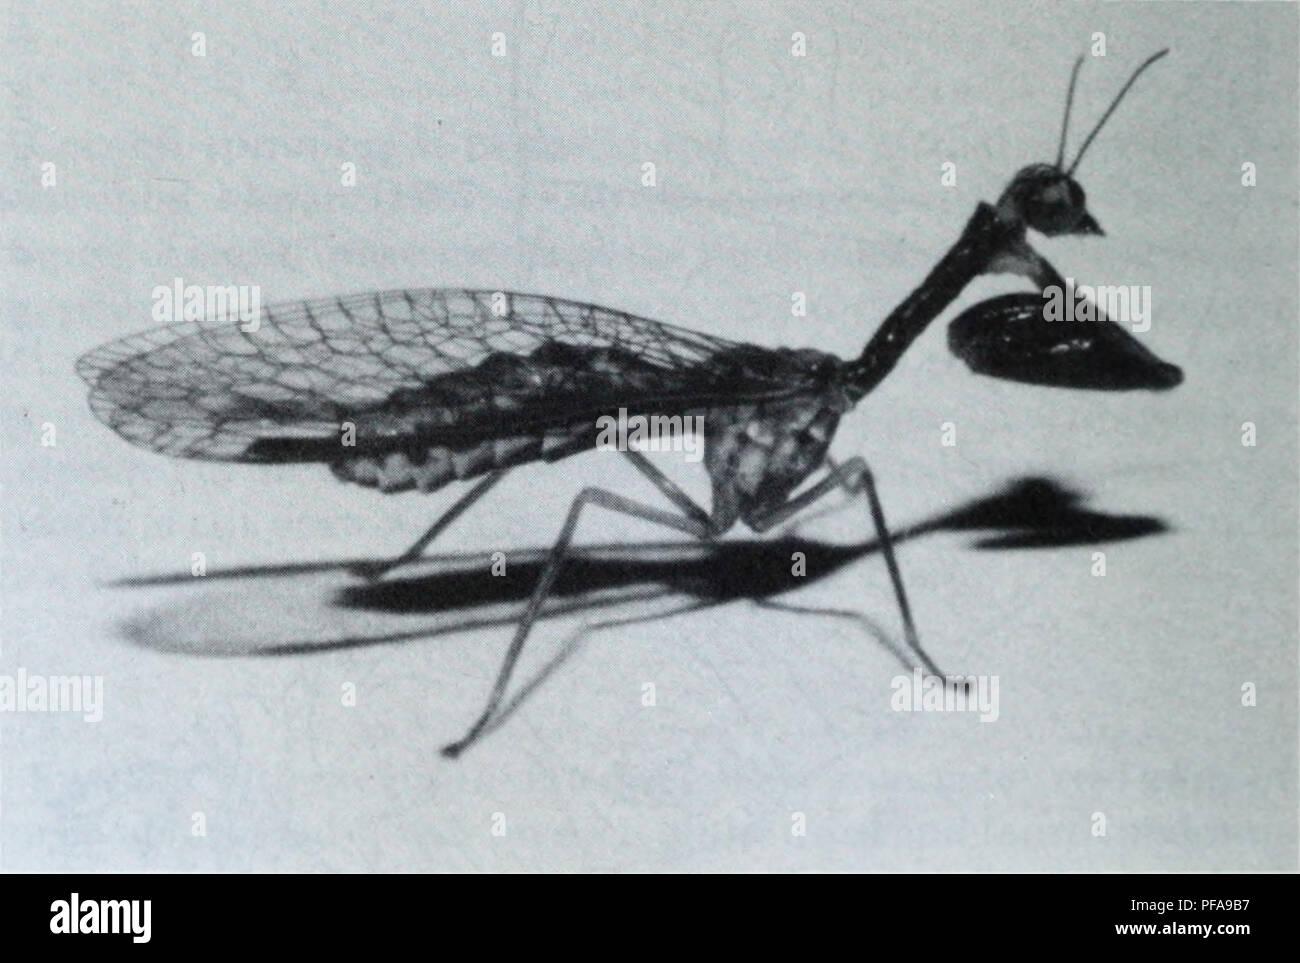 . Lo sviluppo dell'ecologia di Mantispa uhleri banche (Neuroptera: Mantispidae). Mantispa uhleri; insetti; Mantispa uhleri; gli insetti. 18 Mantispa uhleri banche il mantispid studiato da Bisset e Moran (1967); su ciascun segmento, i punti della sezione anteriore coppia di ganci progetto cephalad ed i punti della coppia posteriore progetto caudad, il vaso dorsale che corre tra i membri di ciascuna coppia. Dopo ecdysis all adulto, un buio, liquido di meconio è emessa dall'ano. Questo è in contrasto con il disco meconial pellet prodotti a eclosion da altri Neuroptera tranne il Conioptery- gidae (Withycom Foto Stock